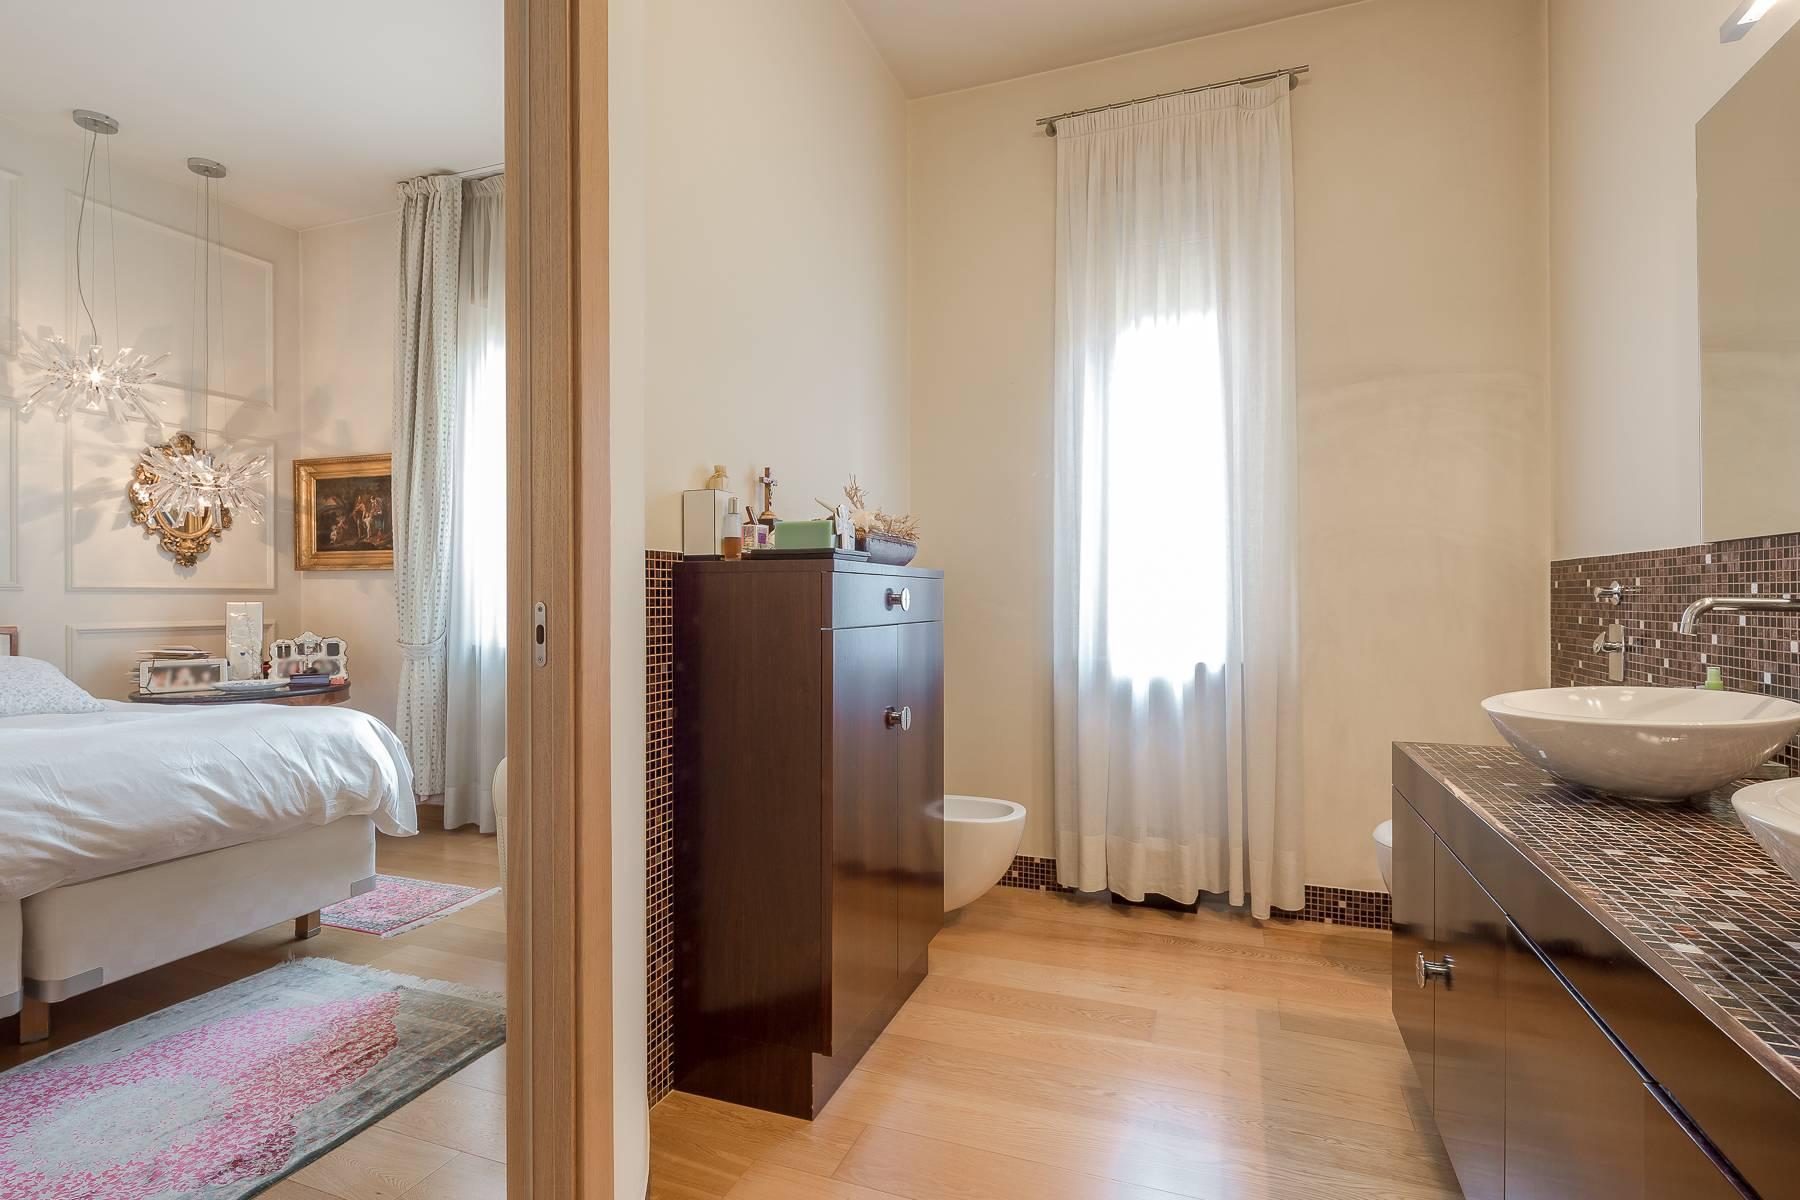 Квартира в классическом стиле на via Besana - 10